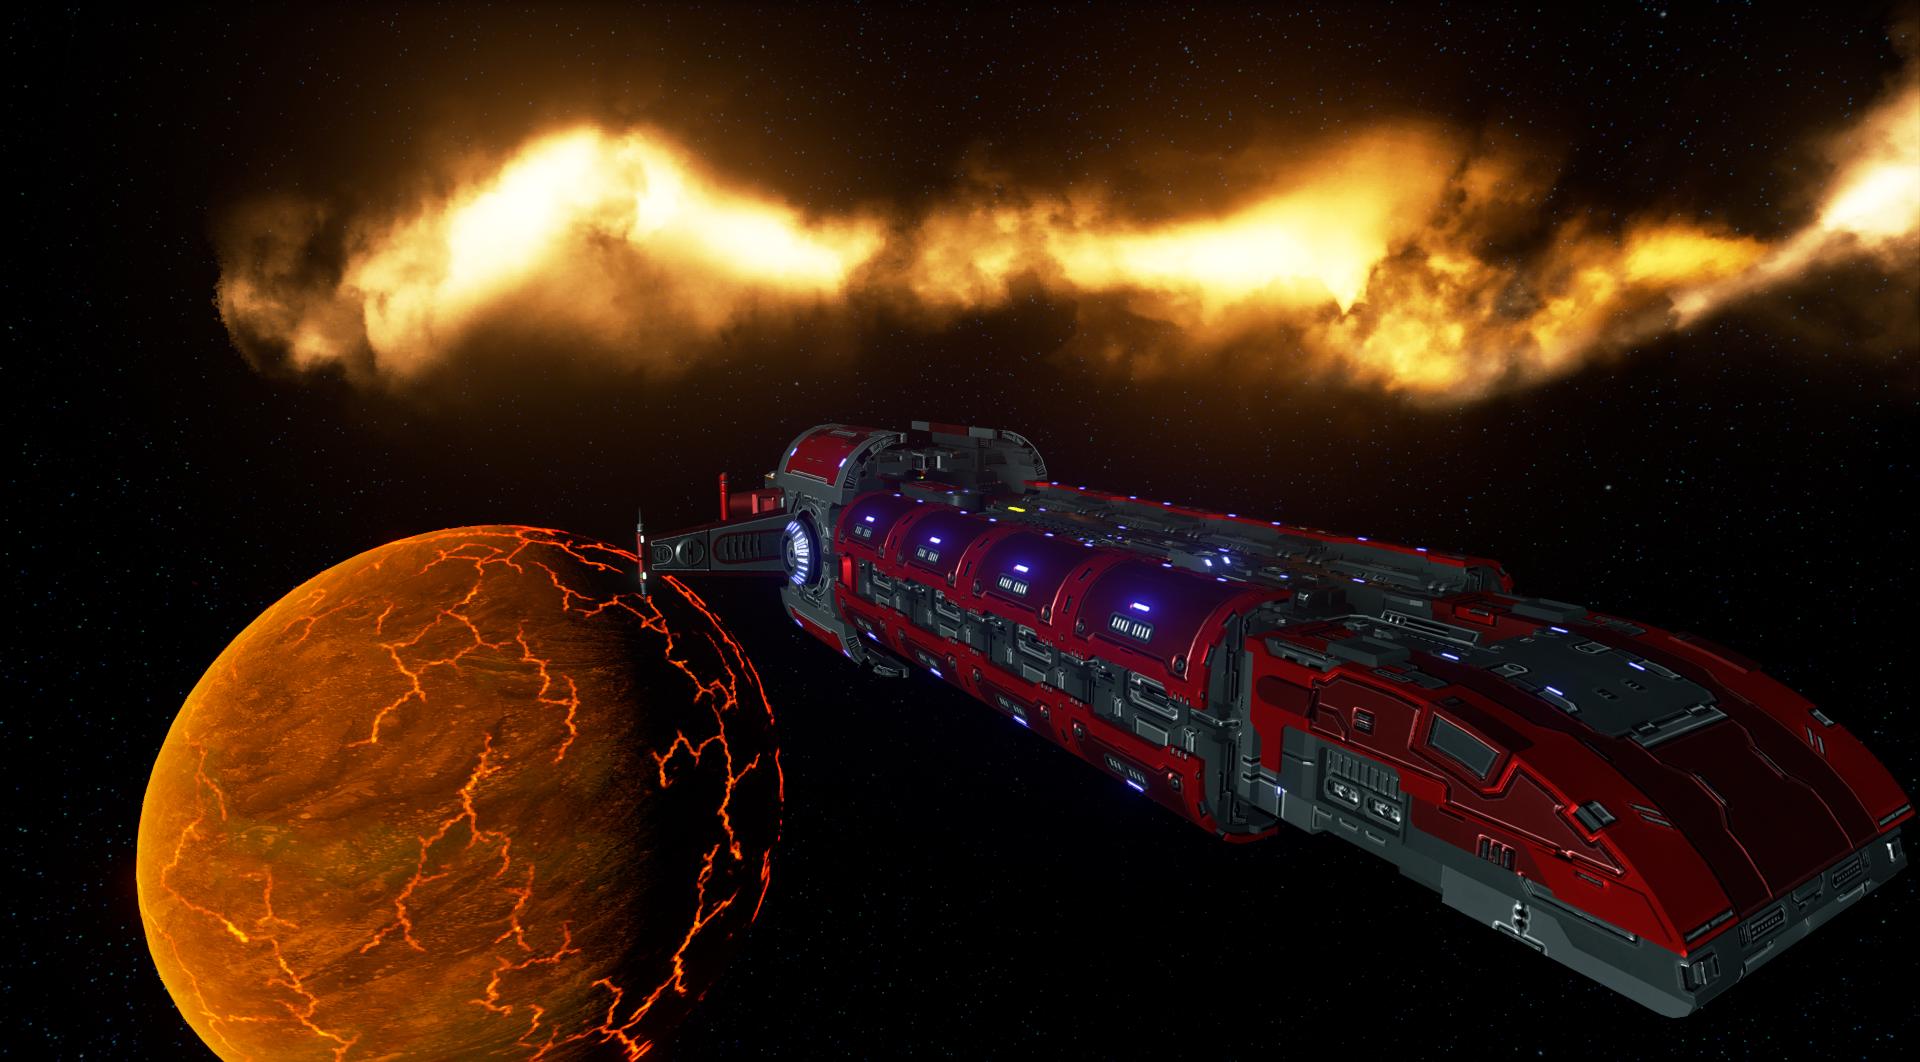 Как правильно покрасить космический корабль - Изображение 3